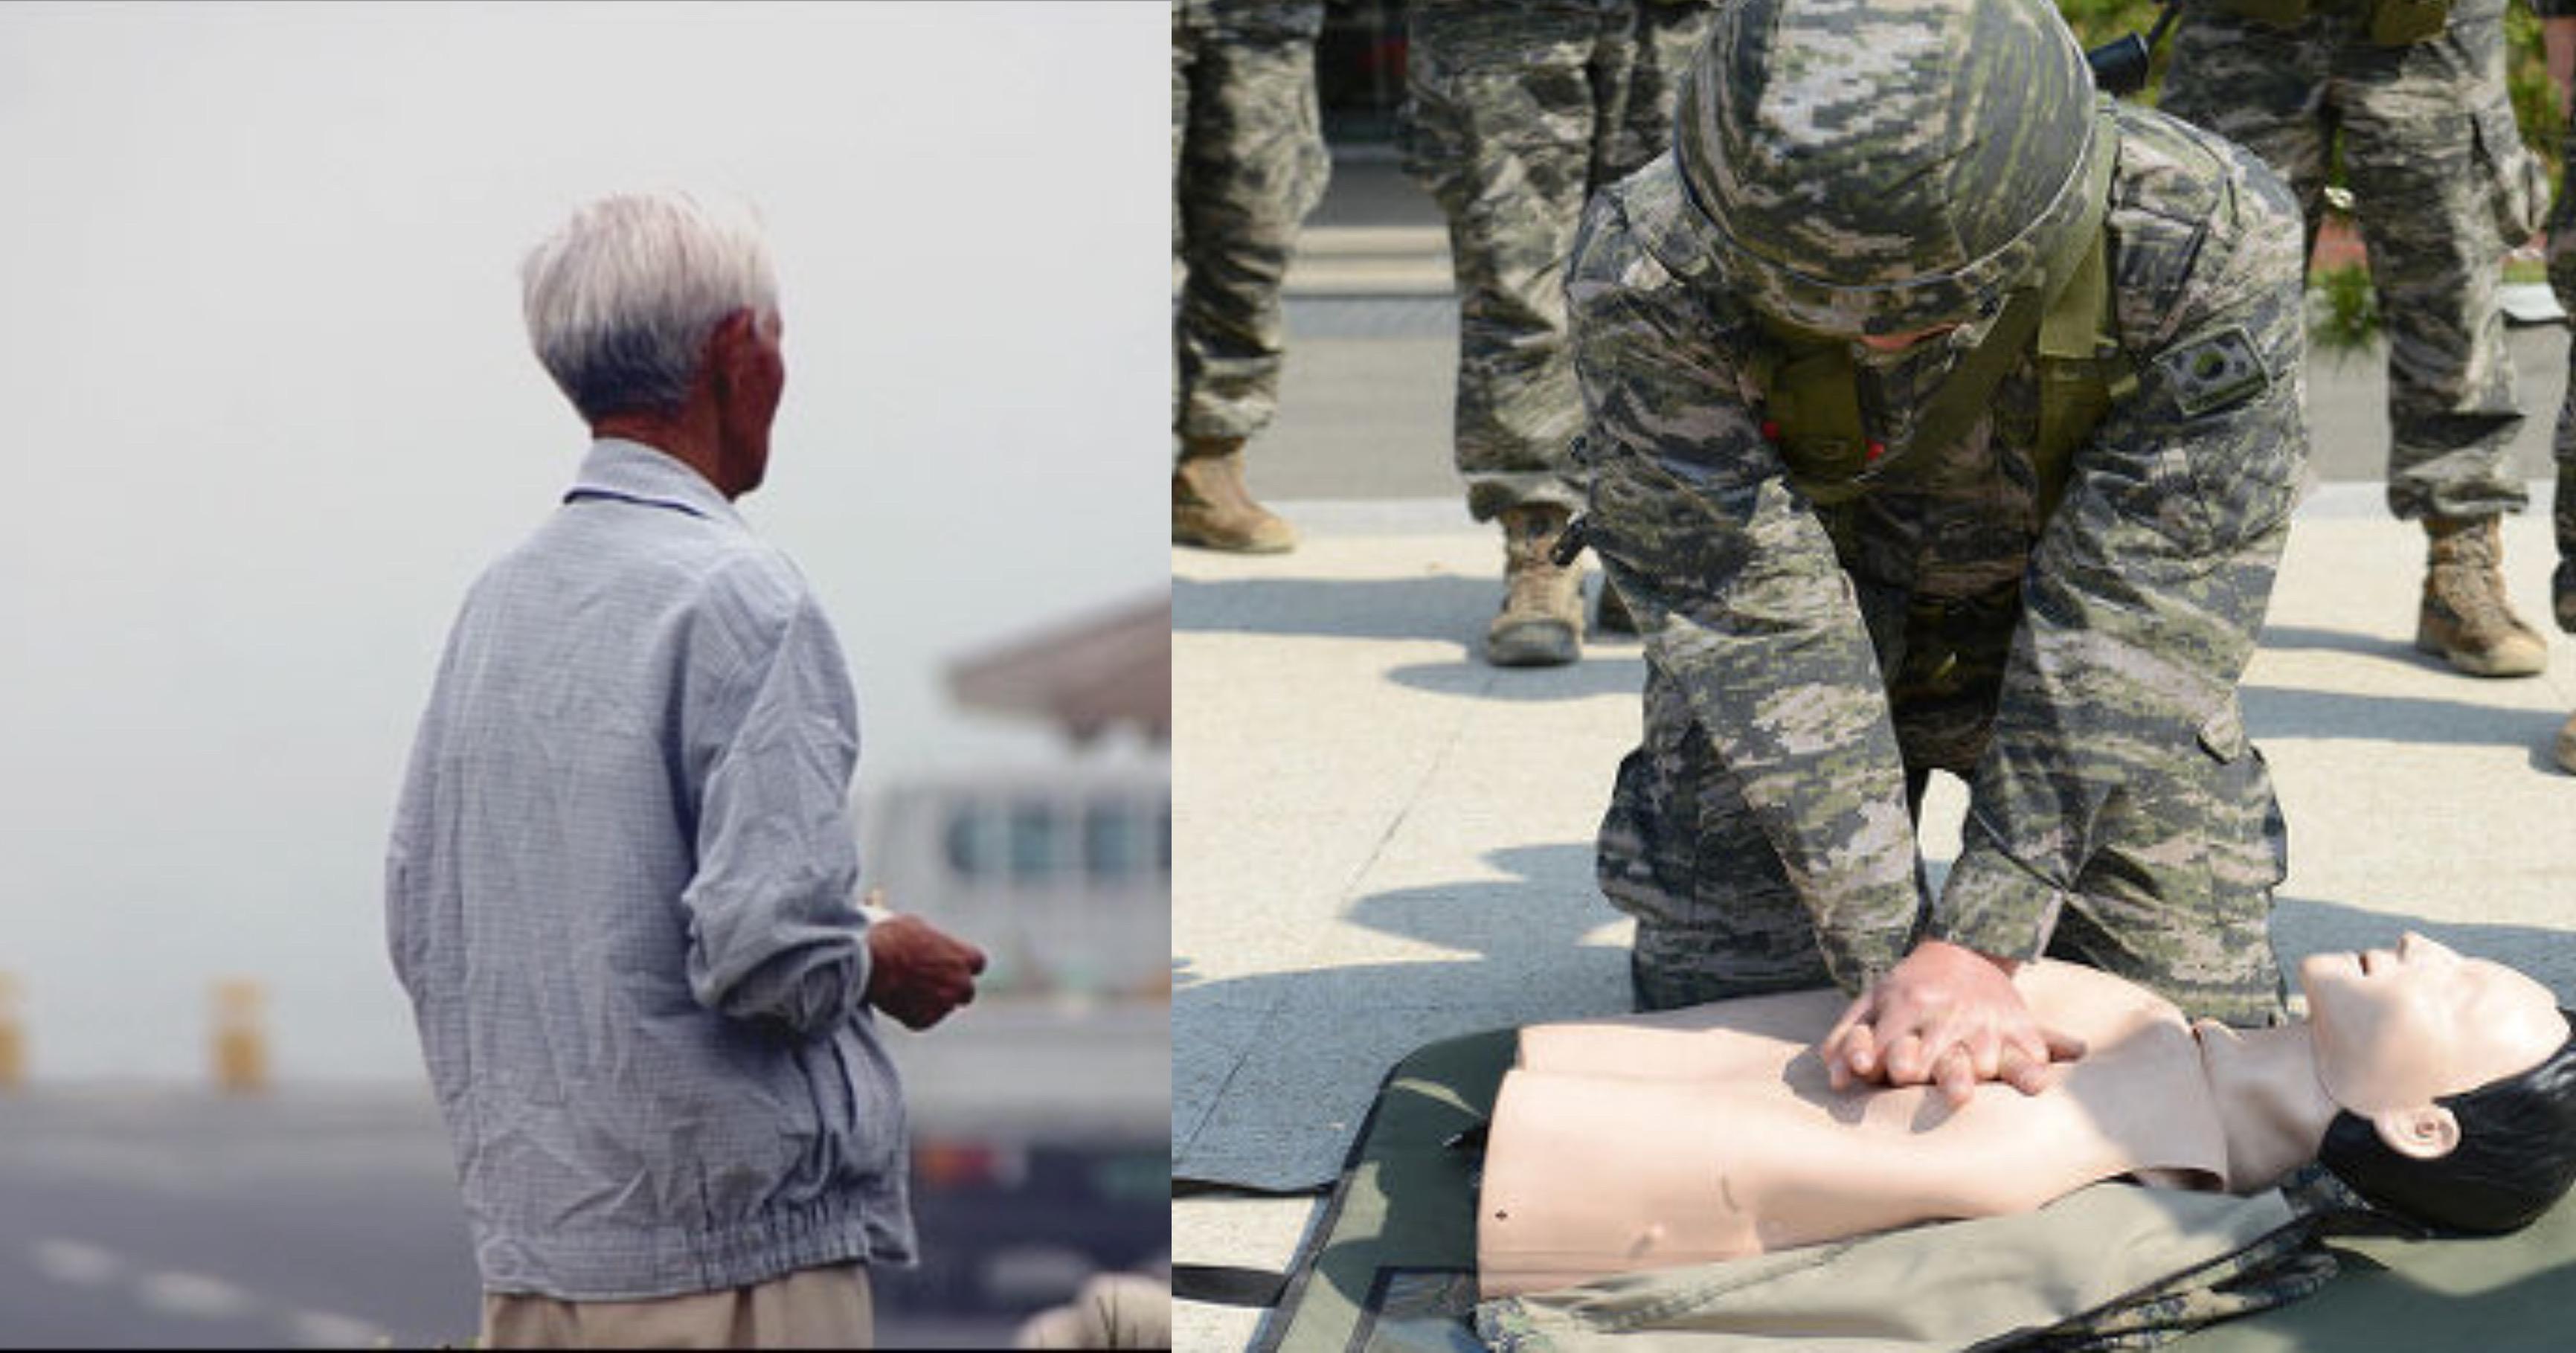 eab5b0eb8b98 ec8db8eb84a4ec9dbc.jpg - 휴가 나왔다가 복귀 길에 쓰러진 '할아버지' 발견해 군대에서 배운 '구급법'으로 살린 군인